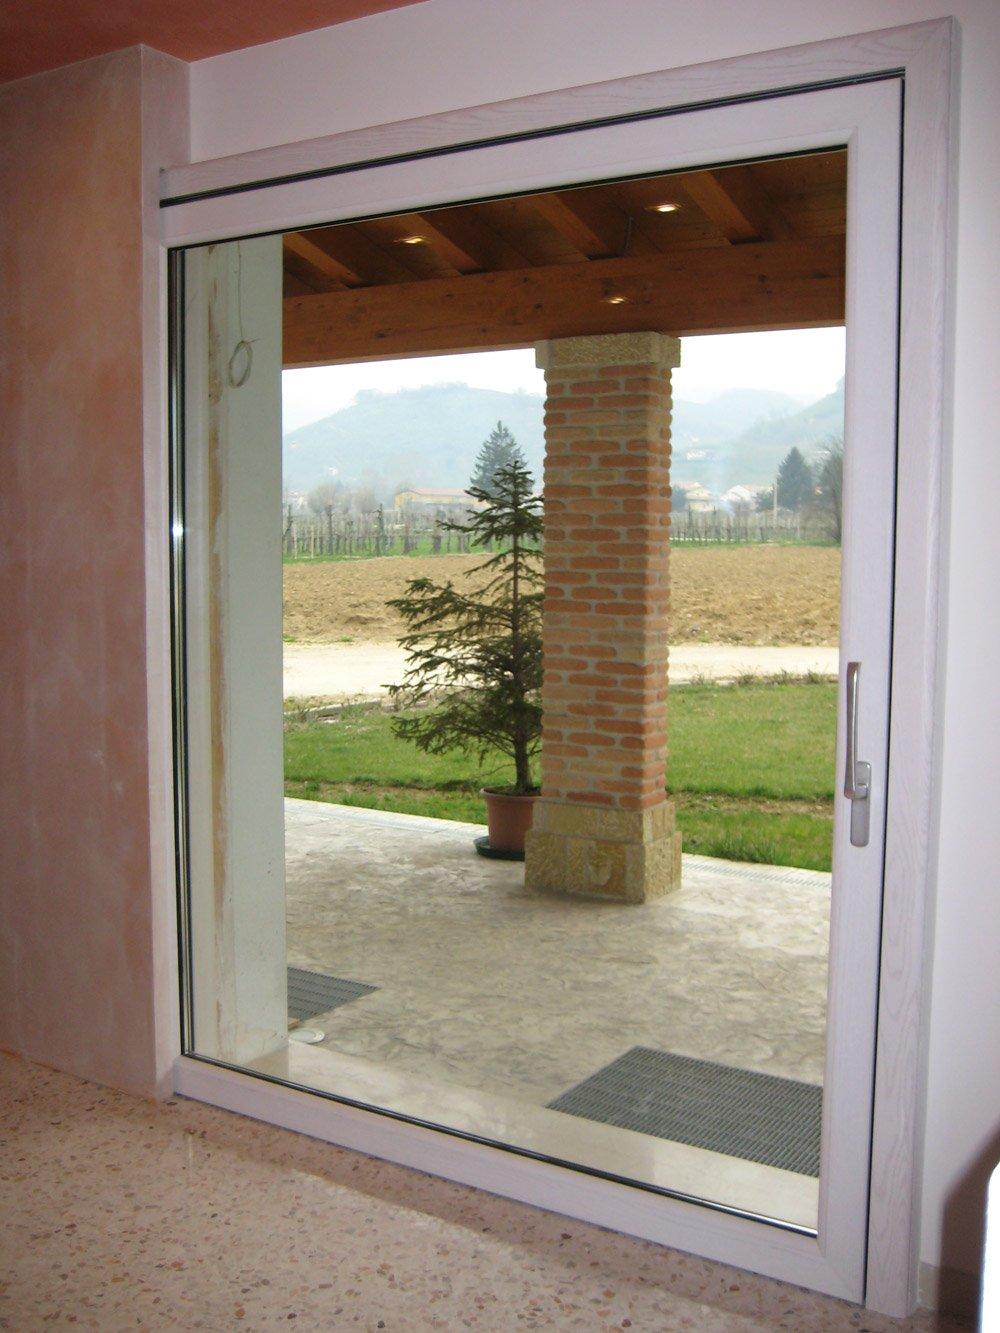 finestra con veduta su un giardino